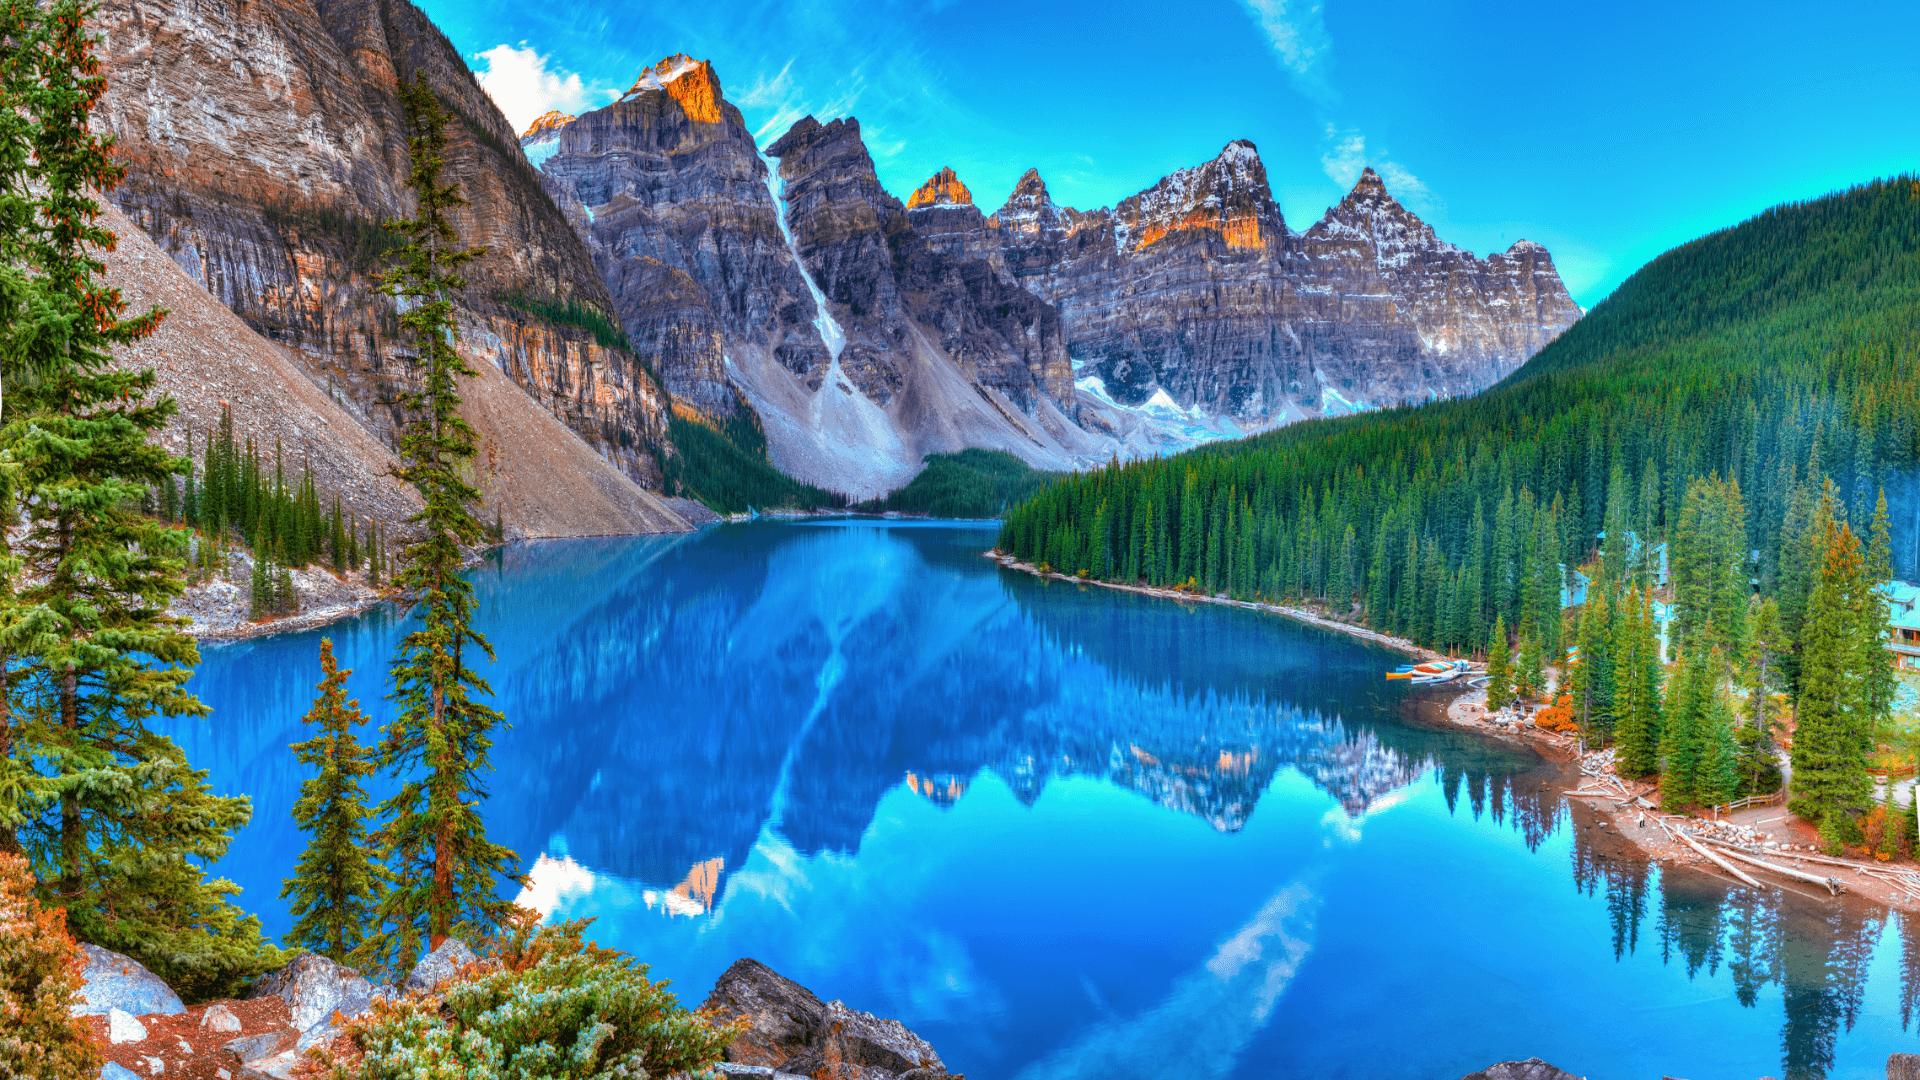 Kuzey Amerika'da Sonsuz Yeşilin Ortasında